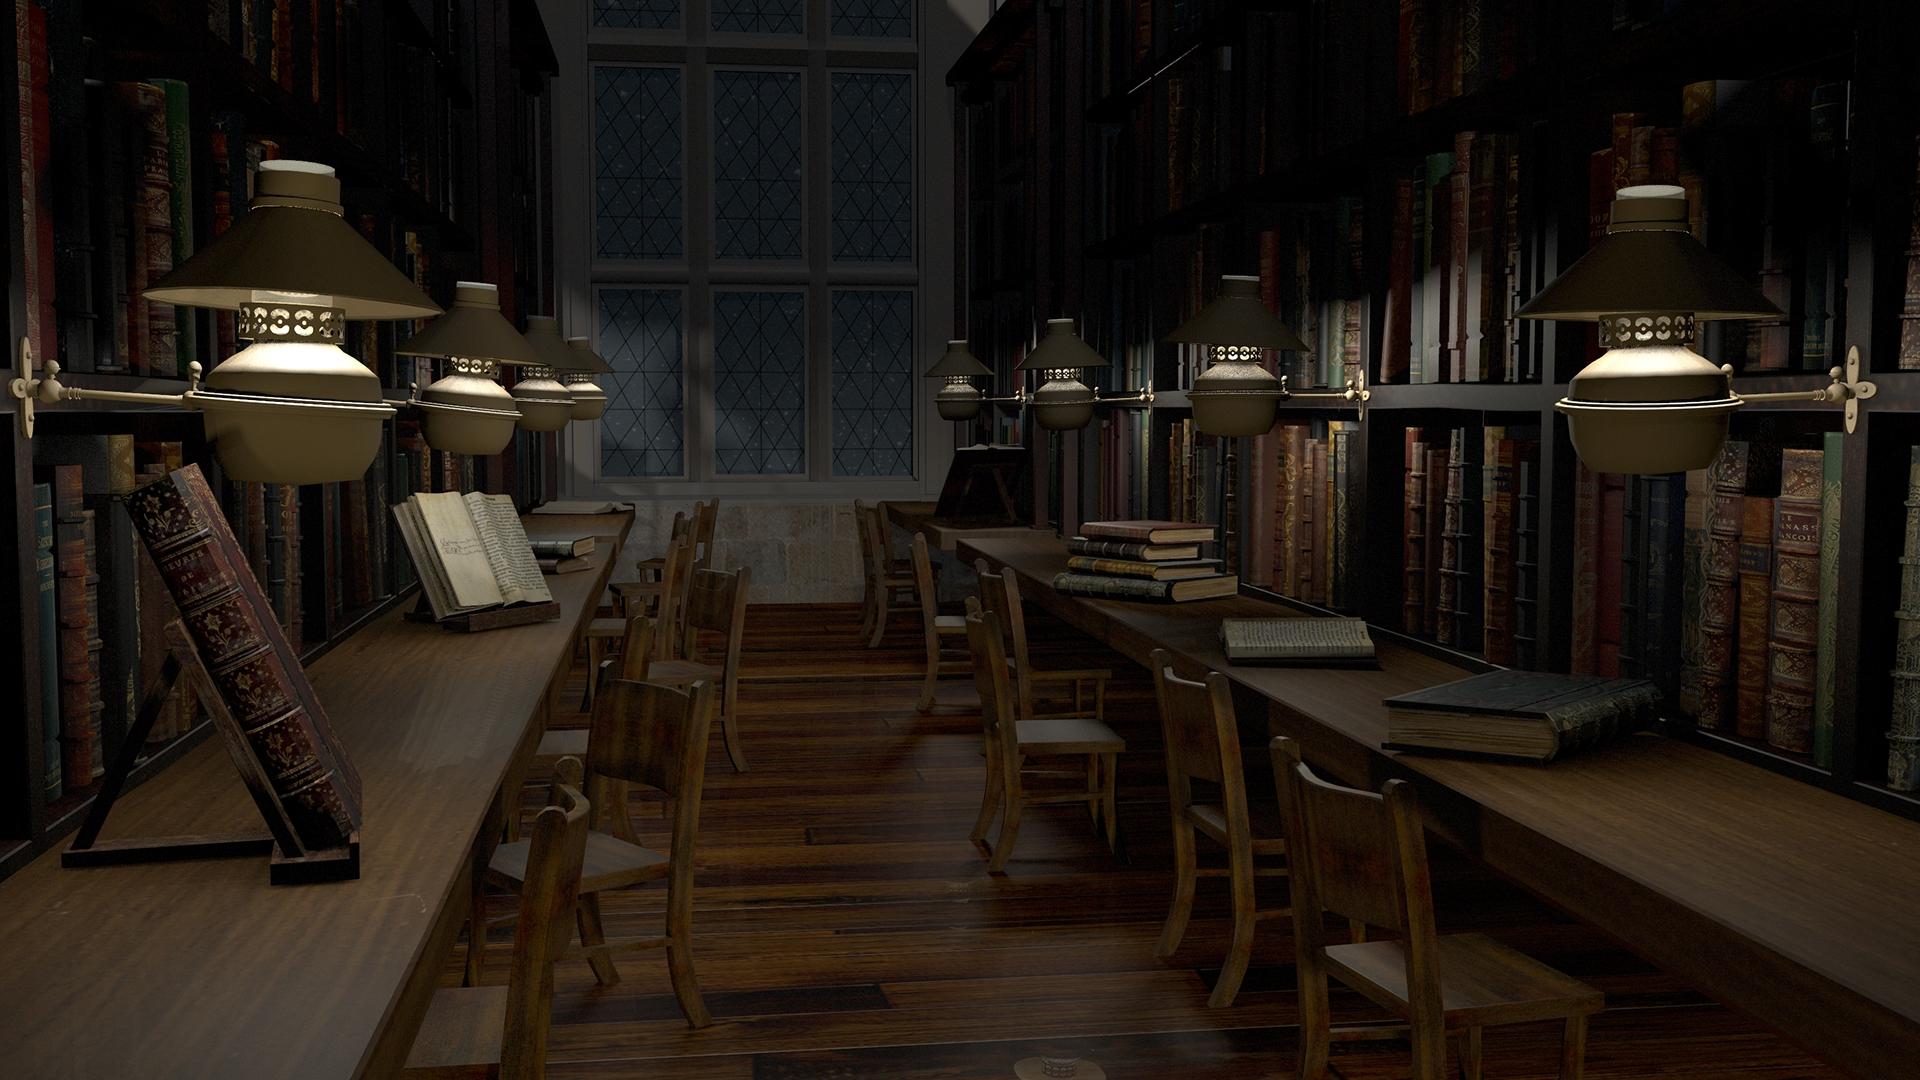 Hogwarts Library Cherrie Tsoi